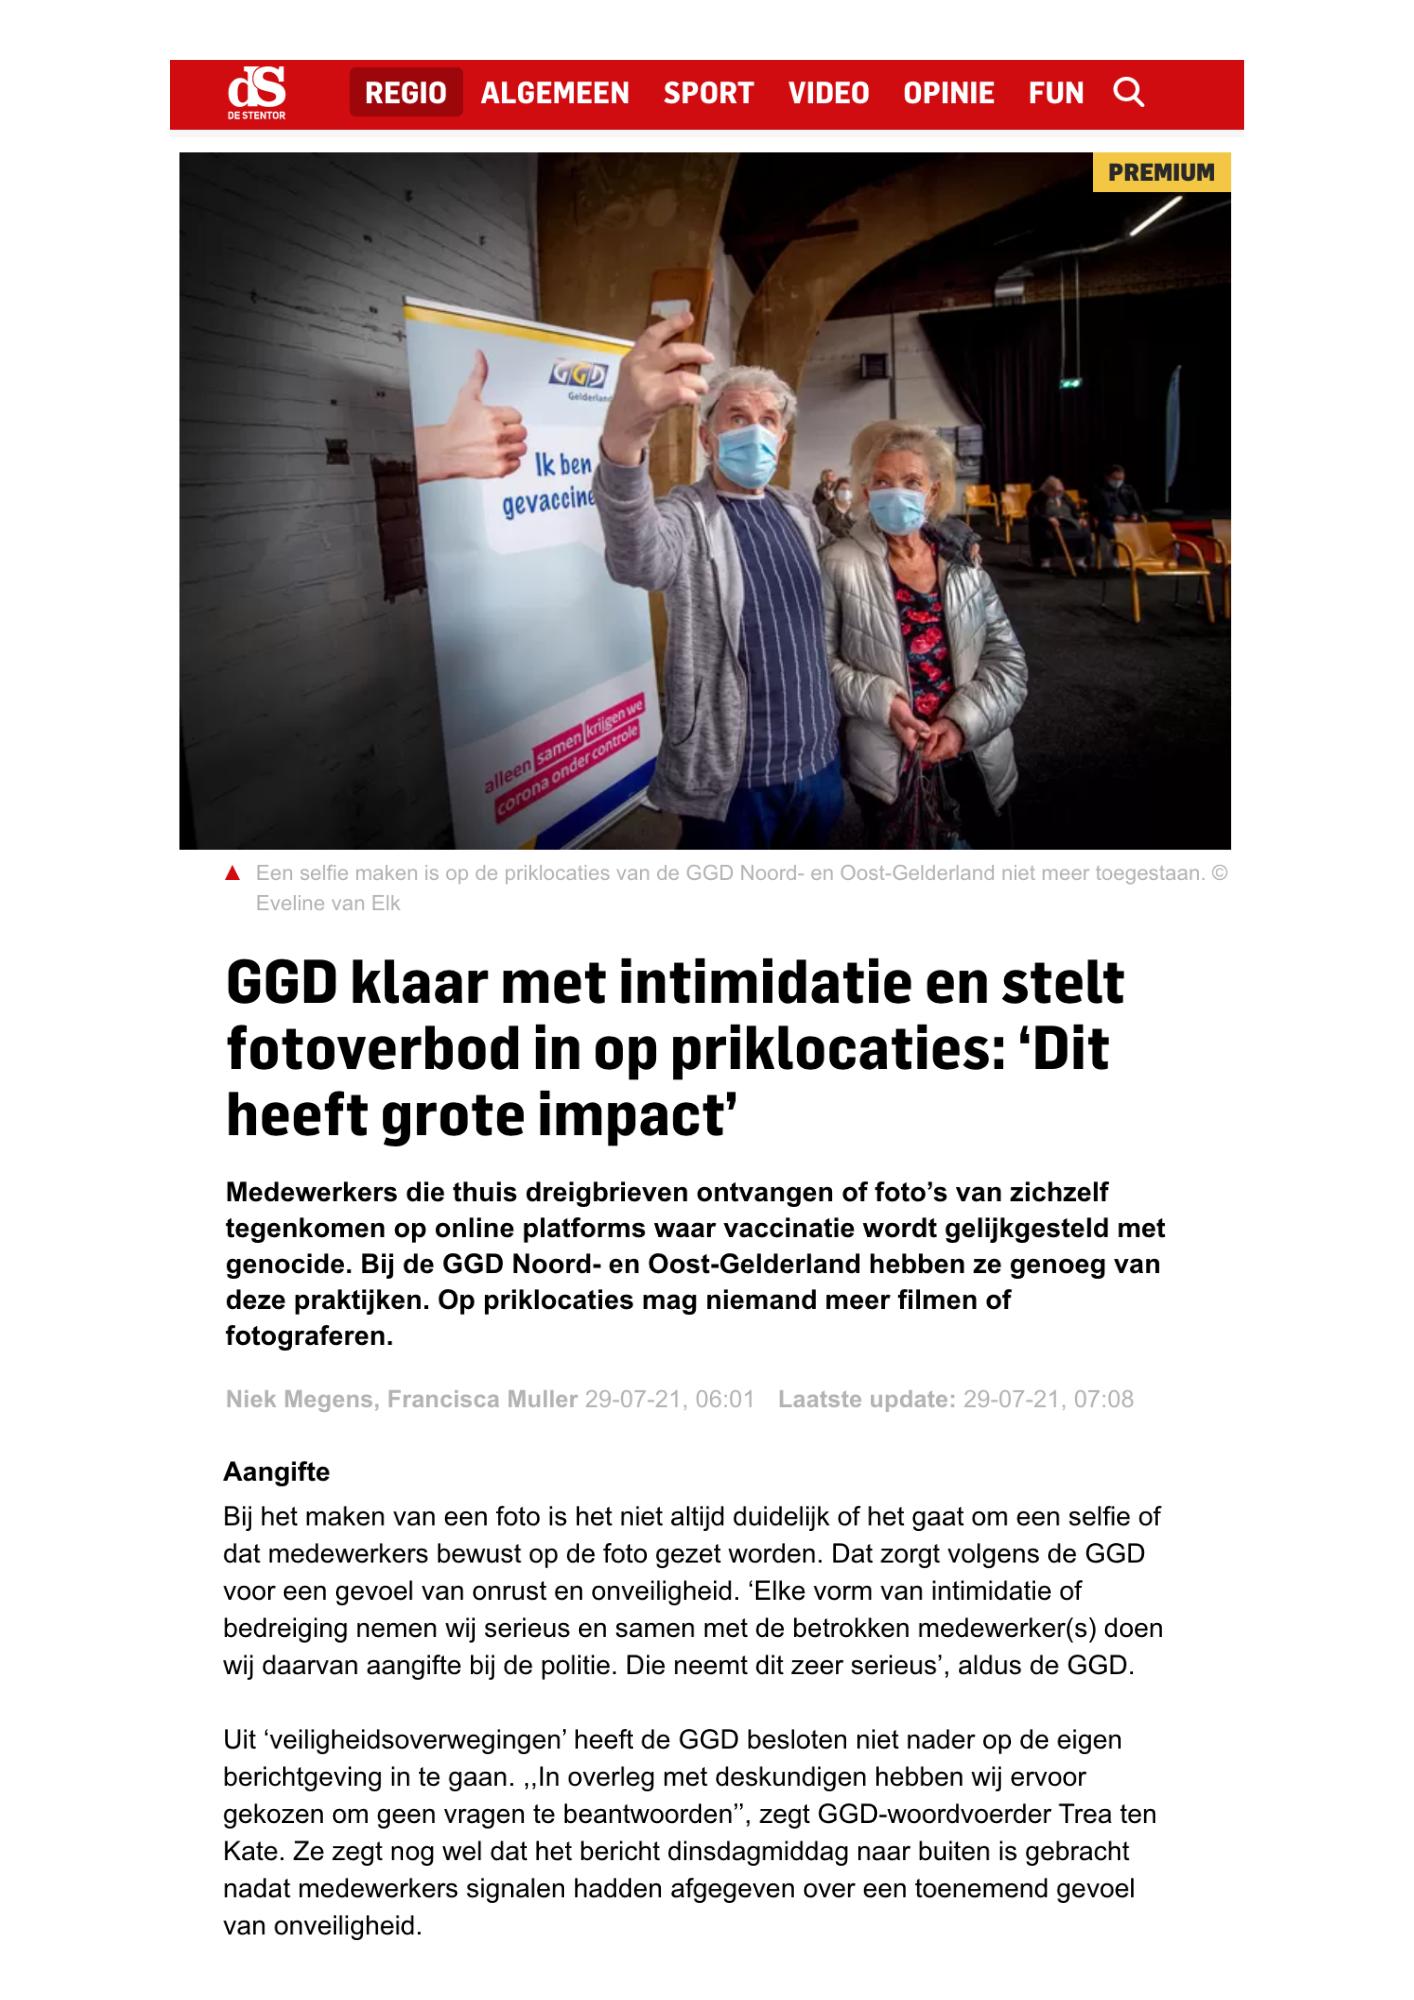 GGD klaar met intimidatie - artikel